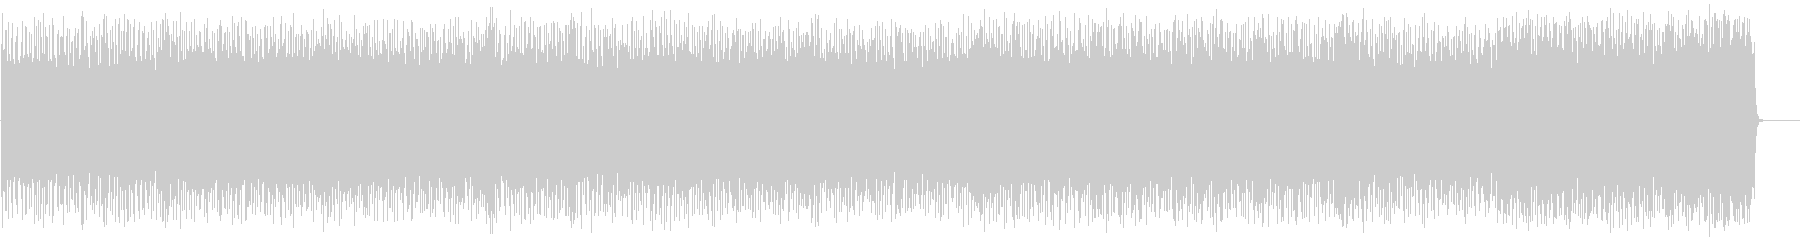 激しくスリリングなロック/ハードの未再生の波形